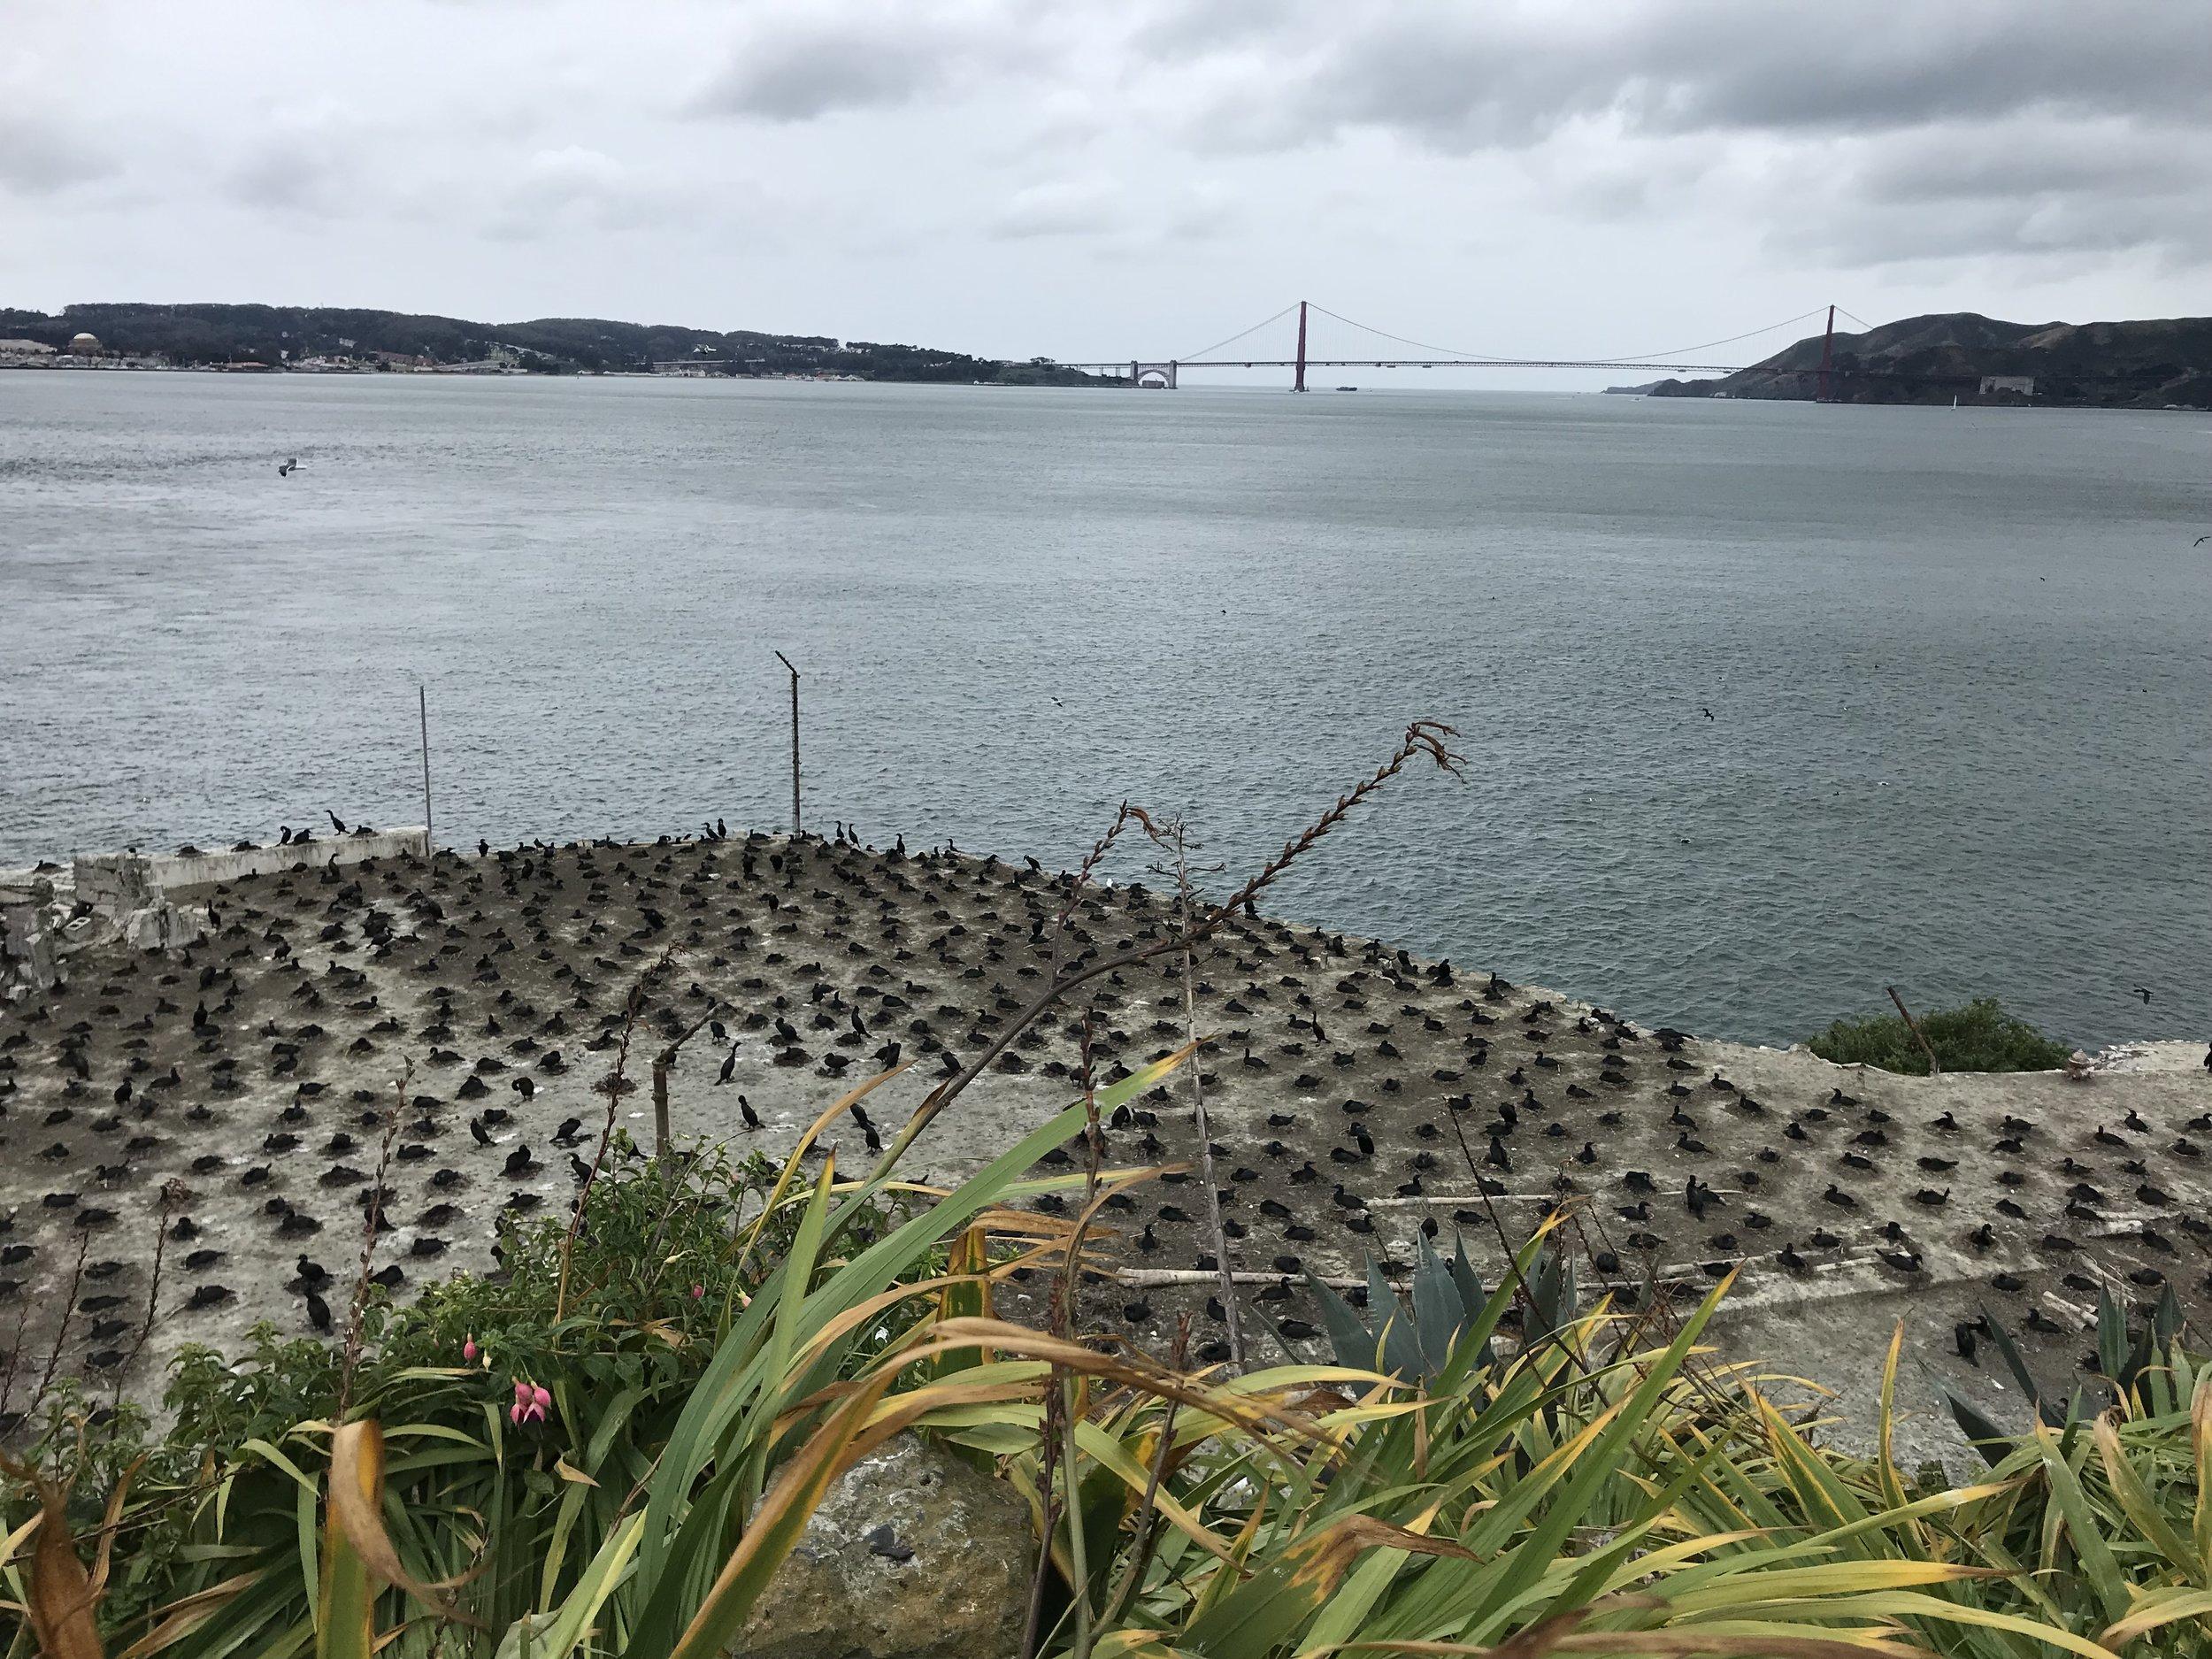 Alcatraz Island cormorant colony prior to the May 2019 storm.